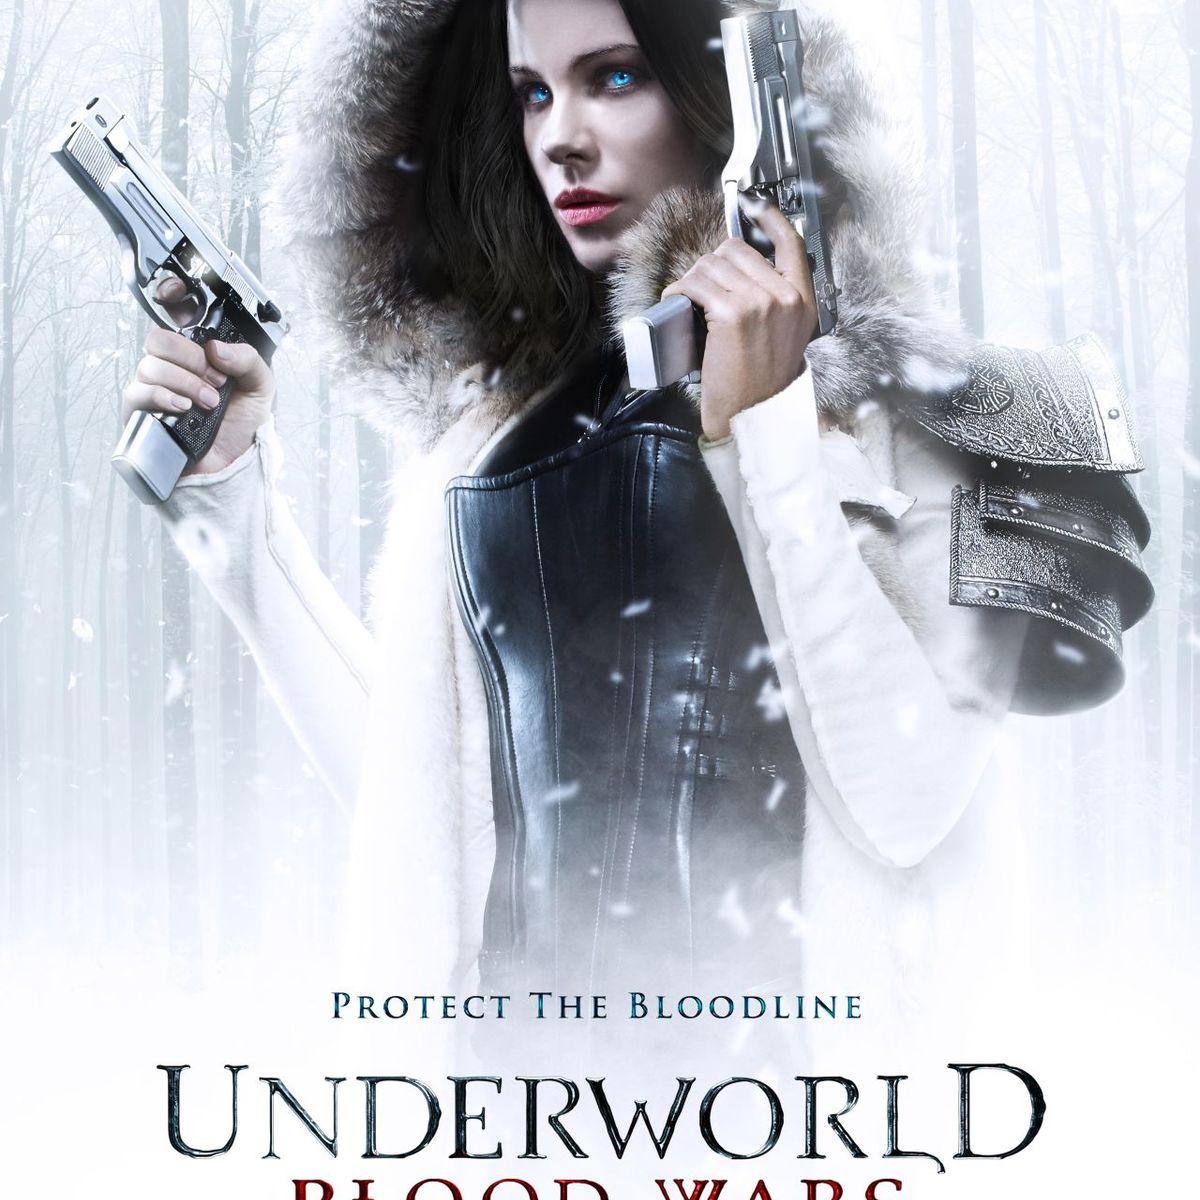 underworldbwposter.jpg